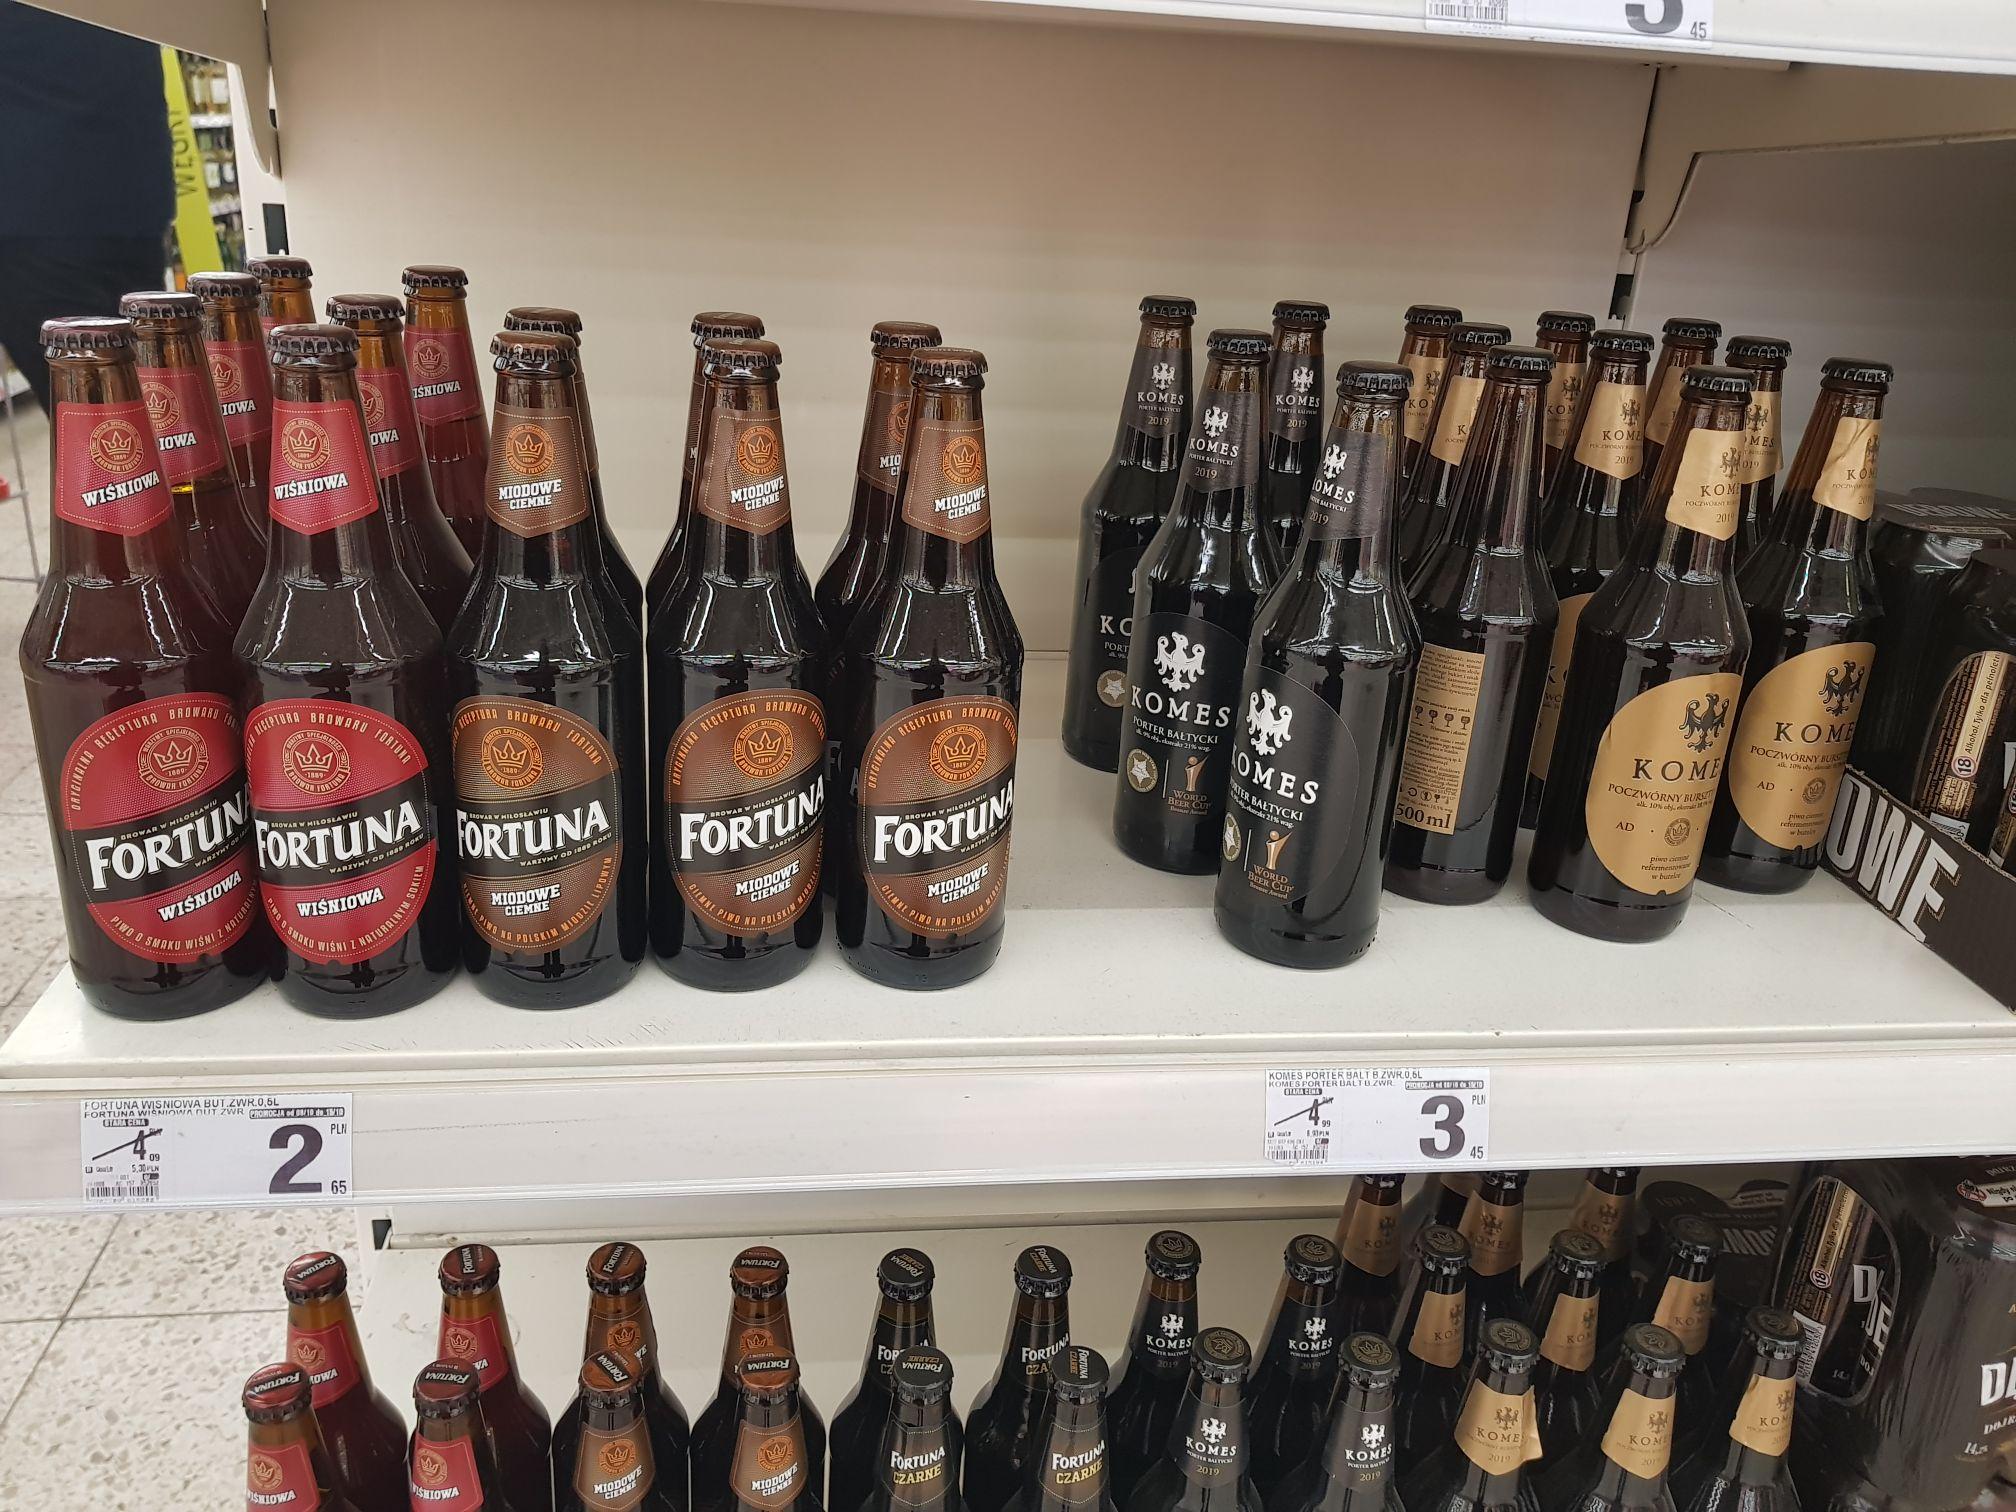 B1 Czeladź: Piwo Komes: porter bałtycki, potrójny złoty, poczwórny bursztynowy i piwo Fortuna: czarne, miodowe ciemne, wiśniowa